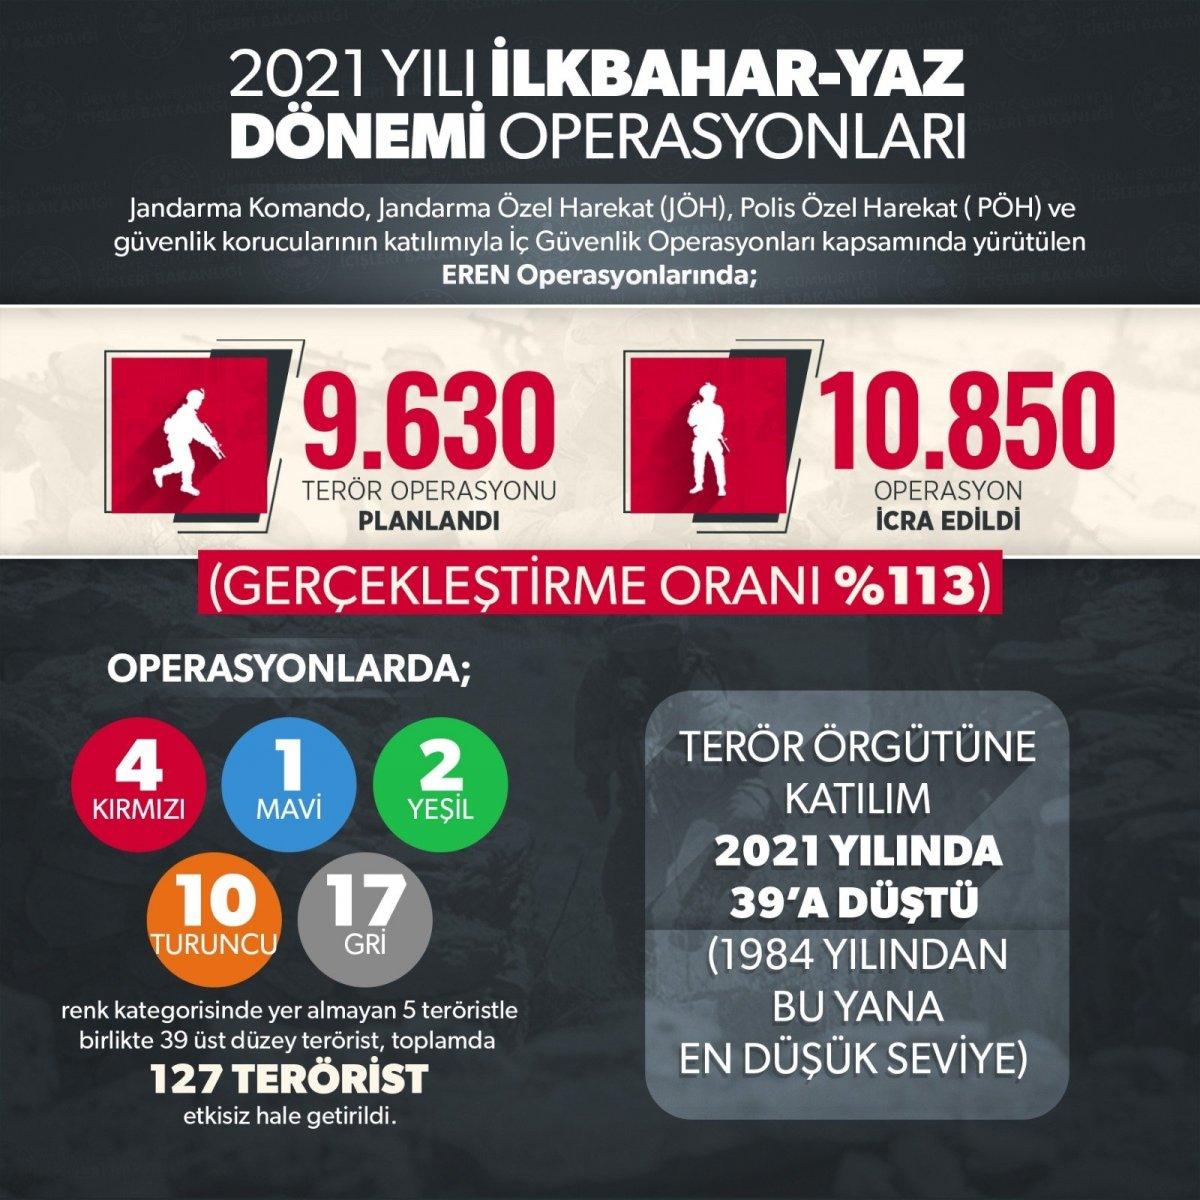 İlkbahar-yaz dönemi operasyonlarında 127 terörist etkisiz hale getirildi #4